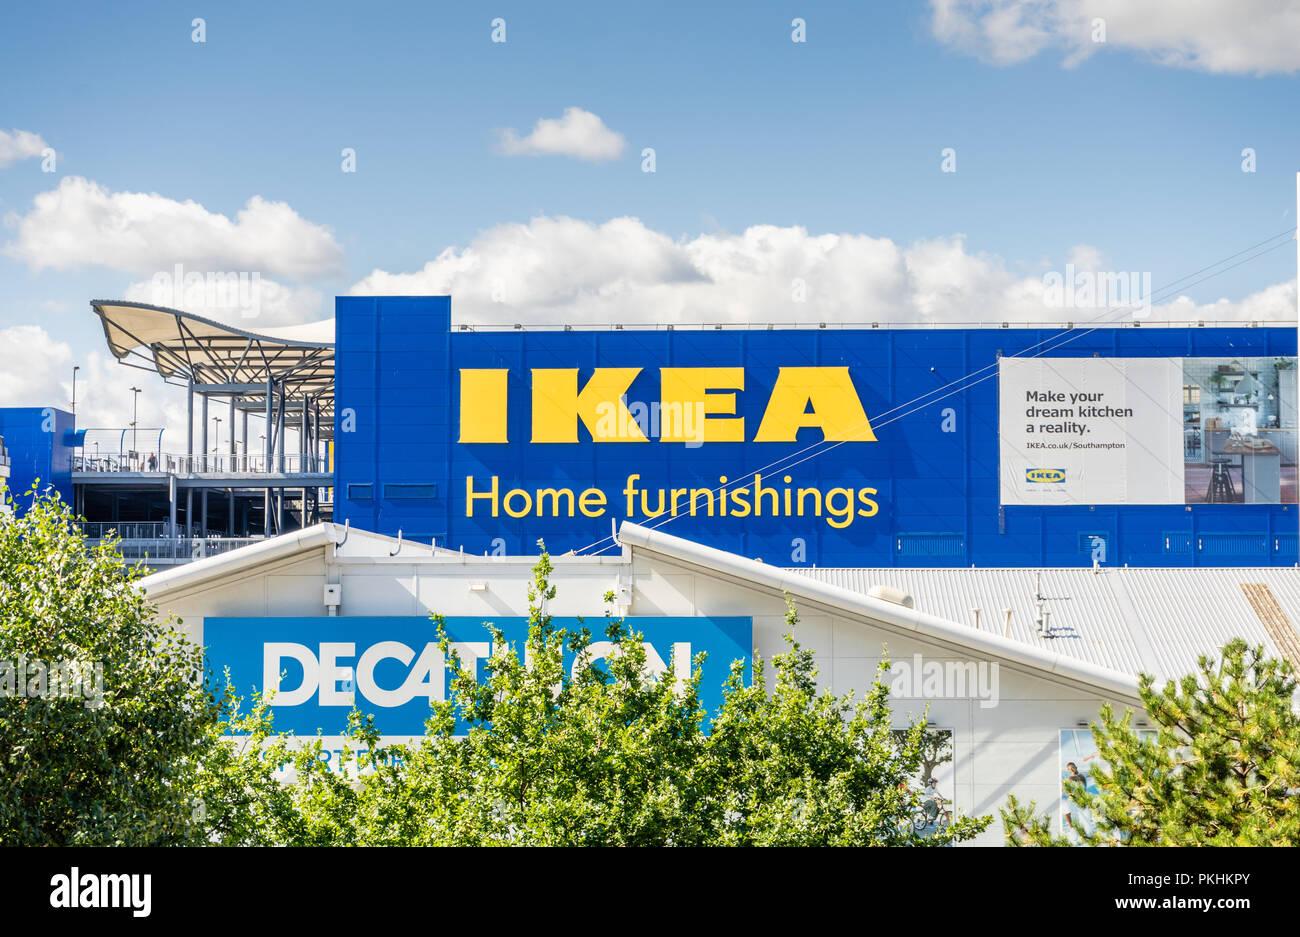 Ikea Uk Stock Photos & Ikea Uk Stock Images